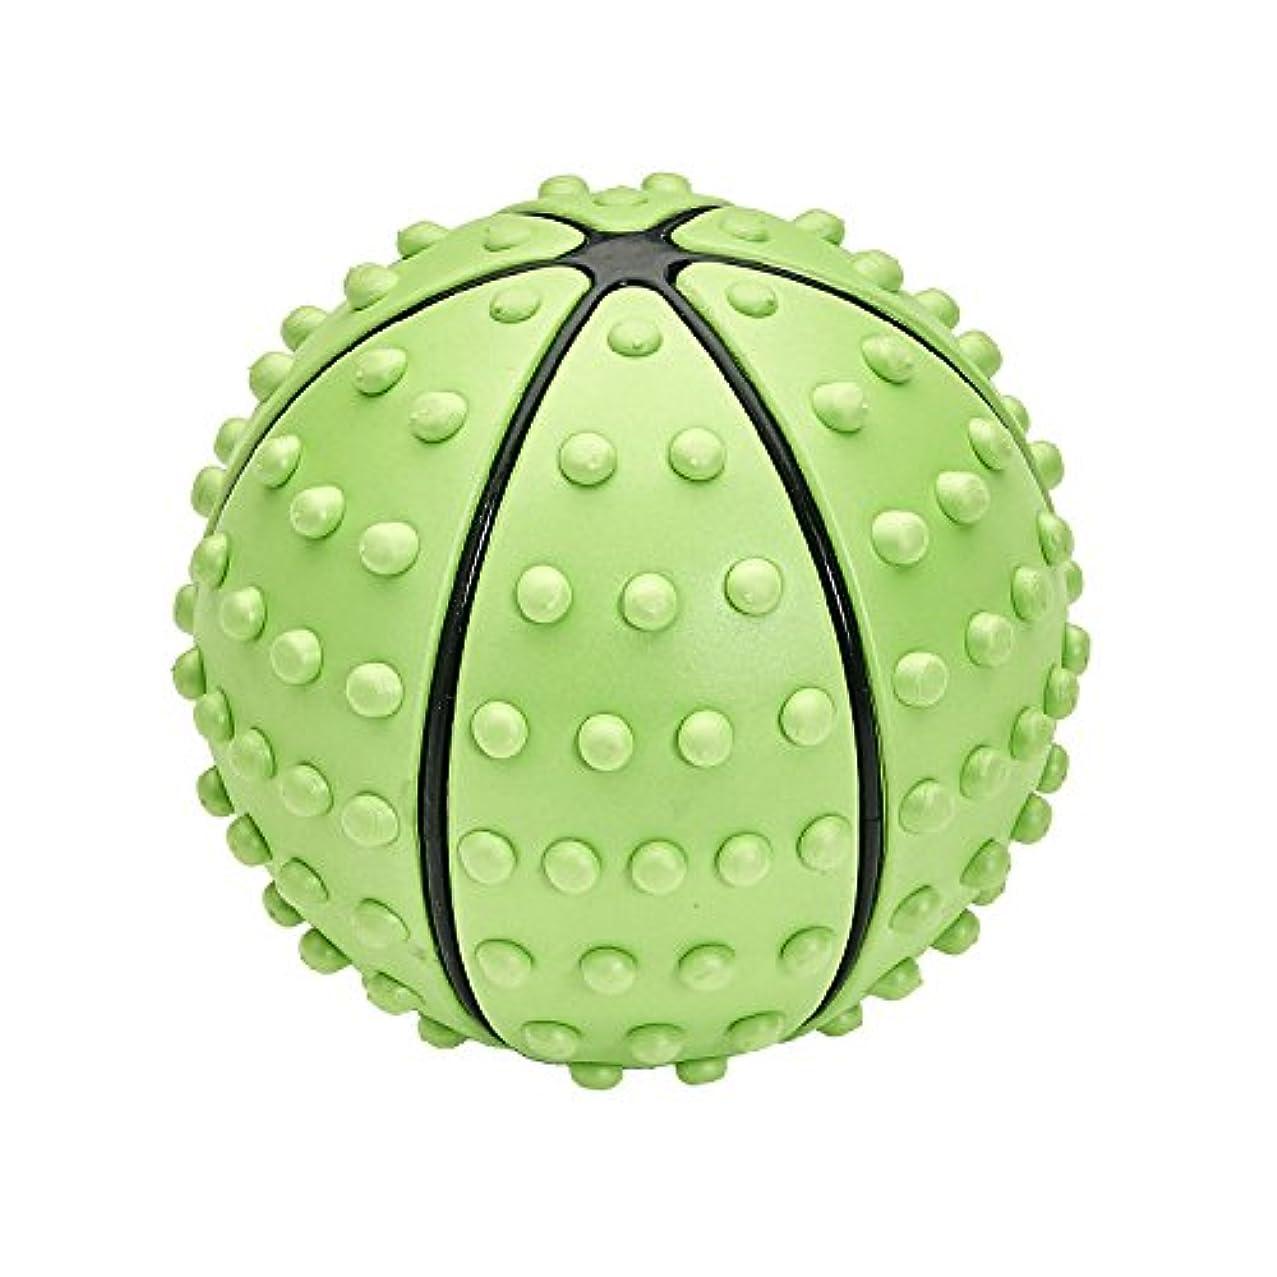 生実験極めて重要なIRONMAN CLUB(鉄人倶楽部) 指圧 ストレッチ ボール KW-900 リフレッシュ トレーニング こりほぐし